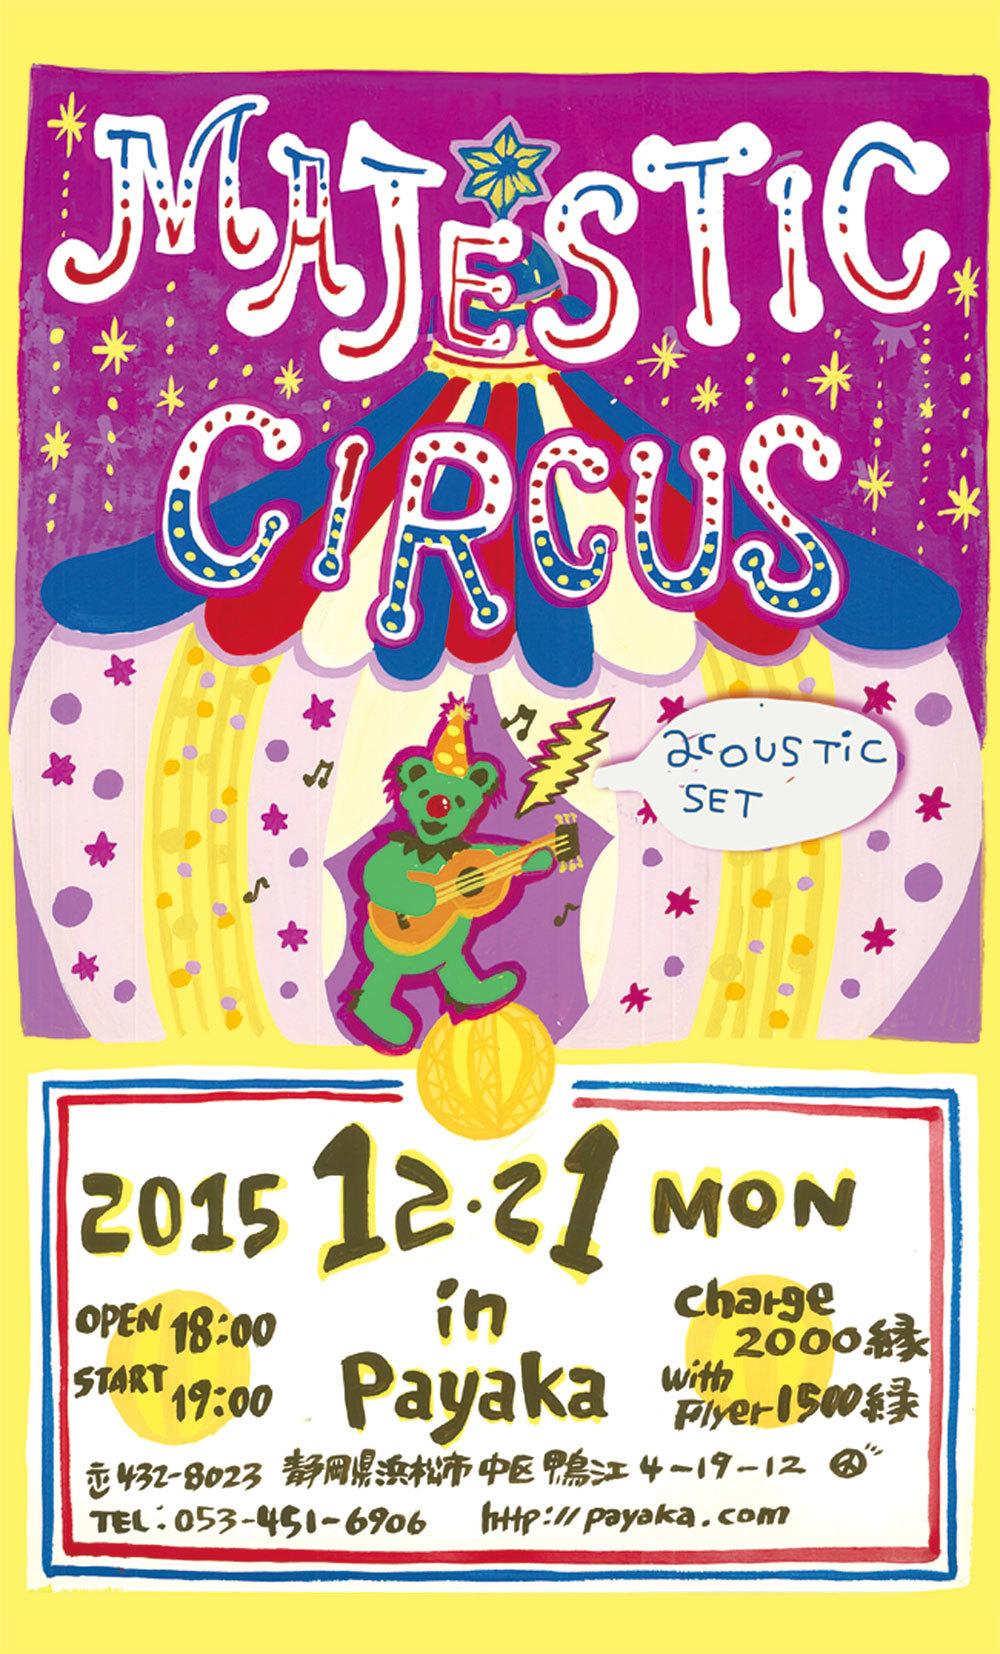 12月21日(月)MAGRSTIC CIRCUSがPayakaにやってくる!_a0252768_17275603.jpg